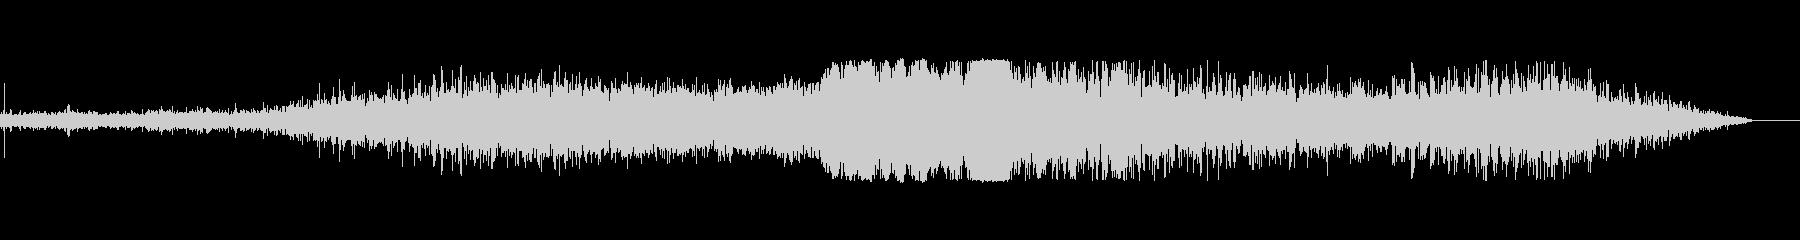 ジェットパススローロングテールの未再生の波形